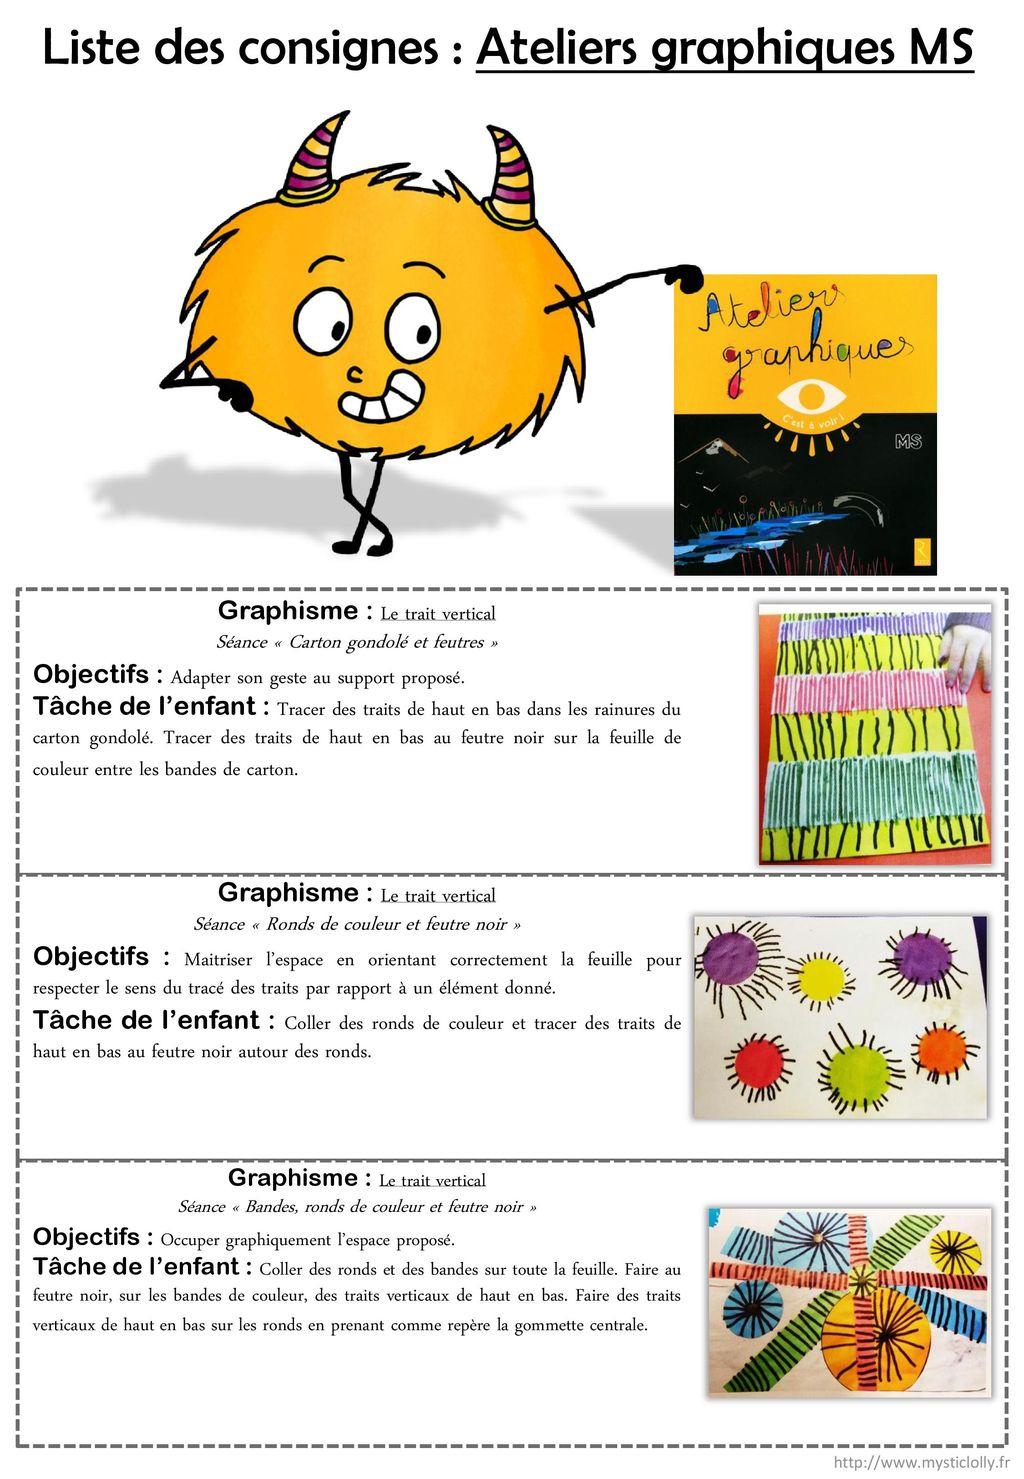 Liste Des Consignes : Ateliers Graphiques Ms - Ppt Télécharger intérieur Ateliers Graphiques Ps